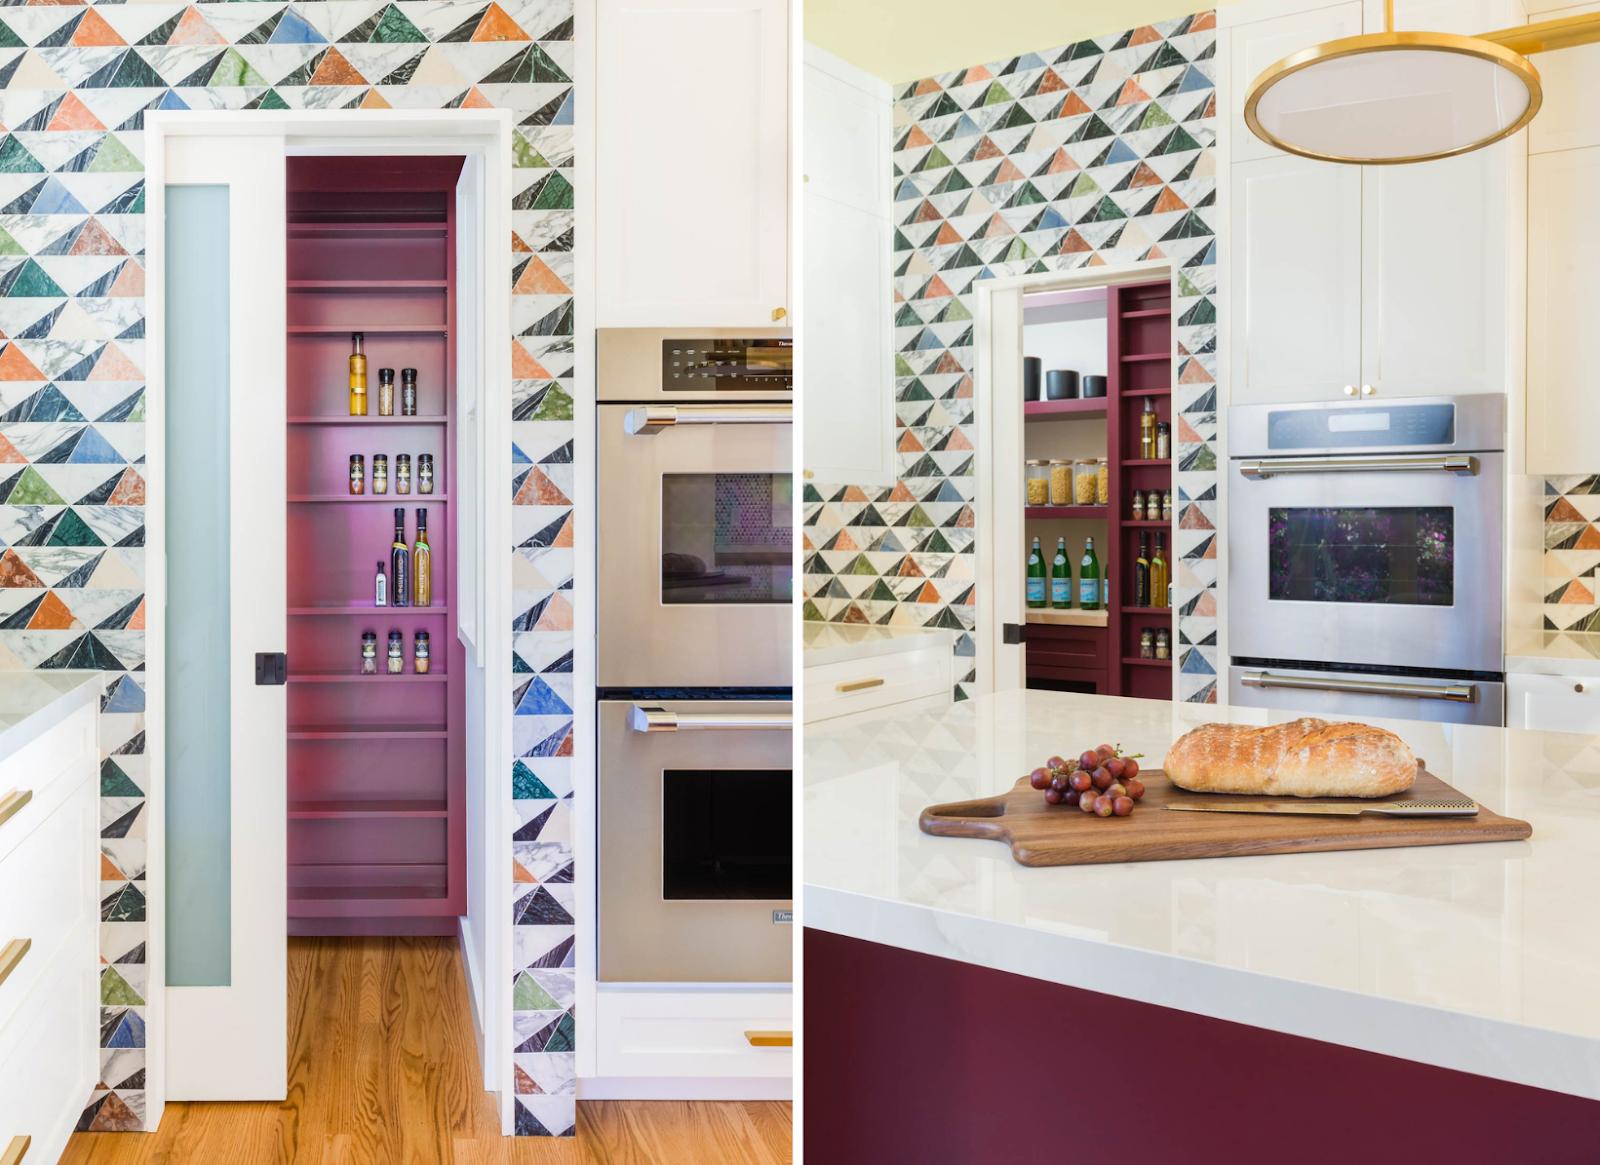 joy street design kitchen renovation fuchsia pantry bold geometric tiles spacious bright vibrant kitchen inspiration